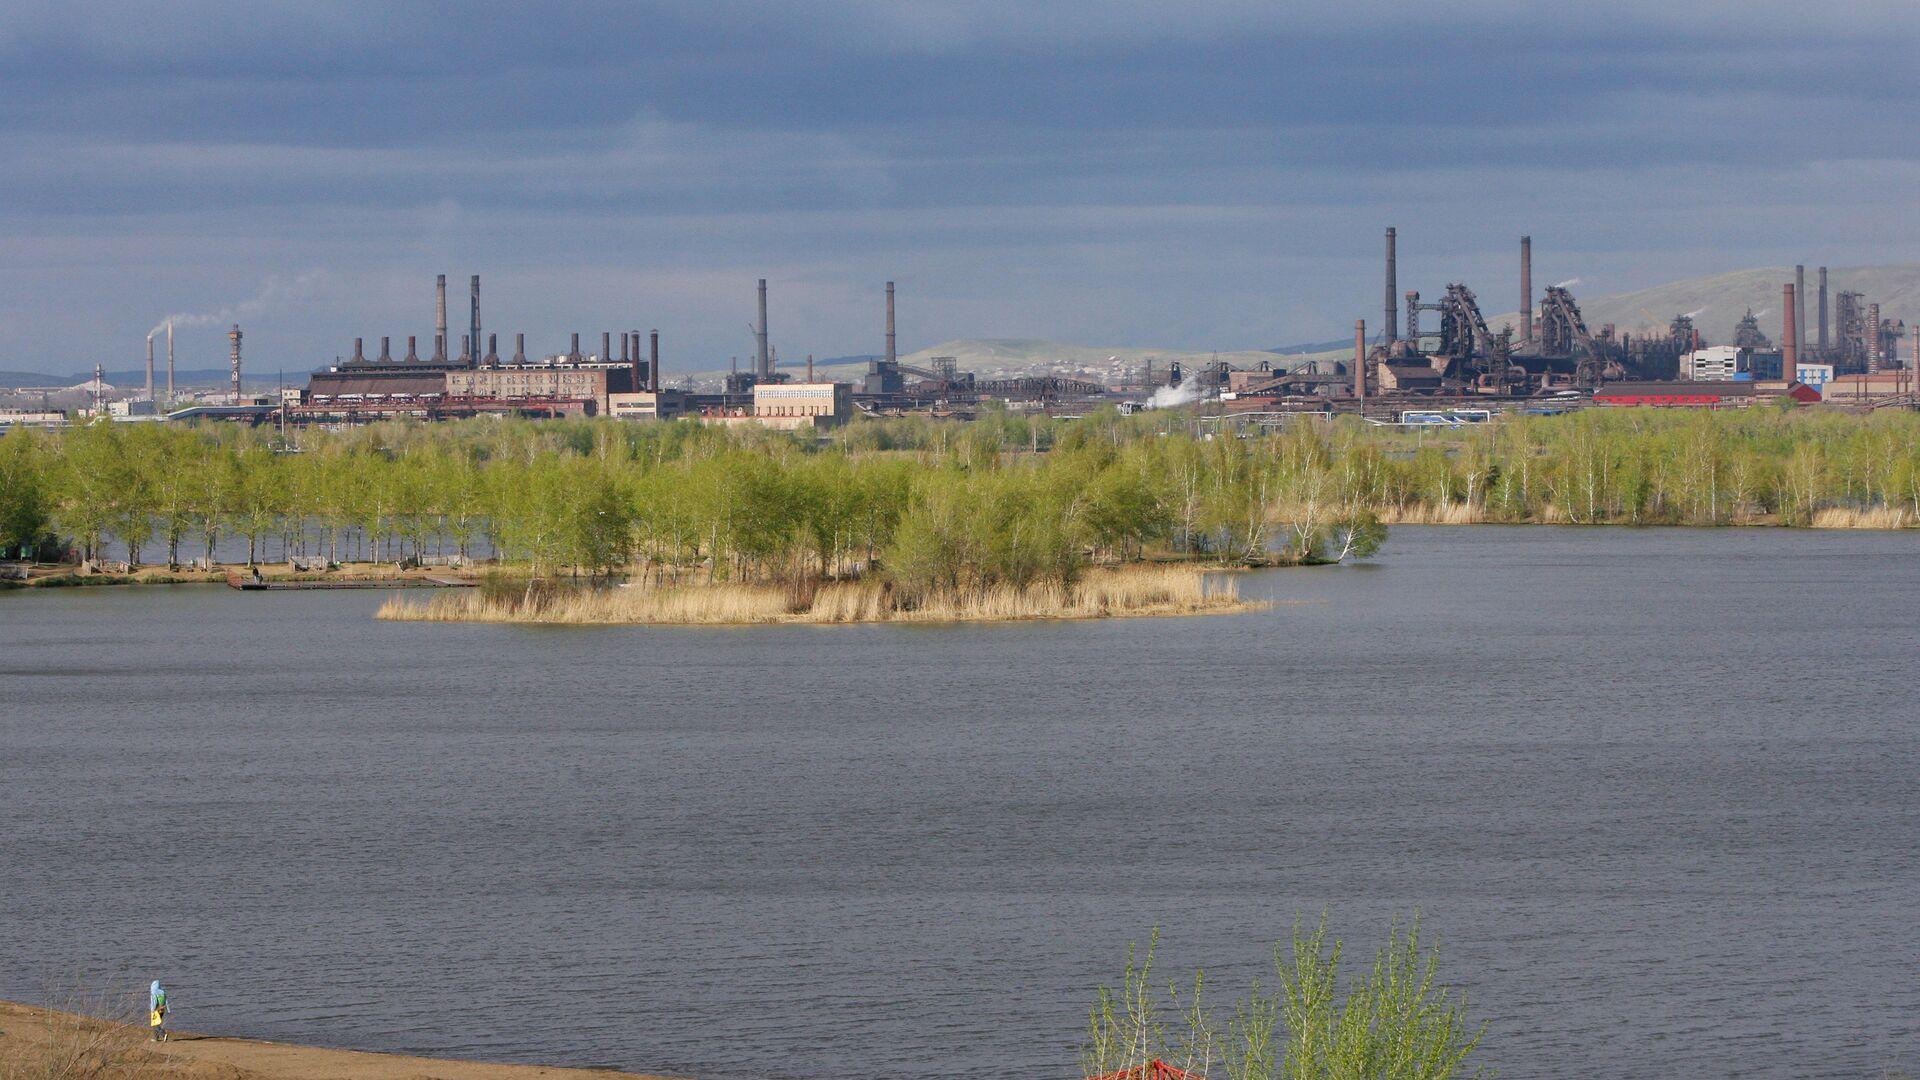 Прокуратура Перми выяснит причину окрашивания рек в зеленый цвет